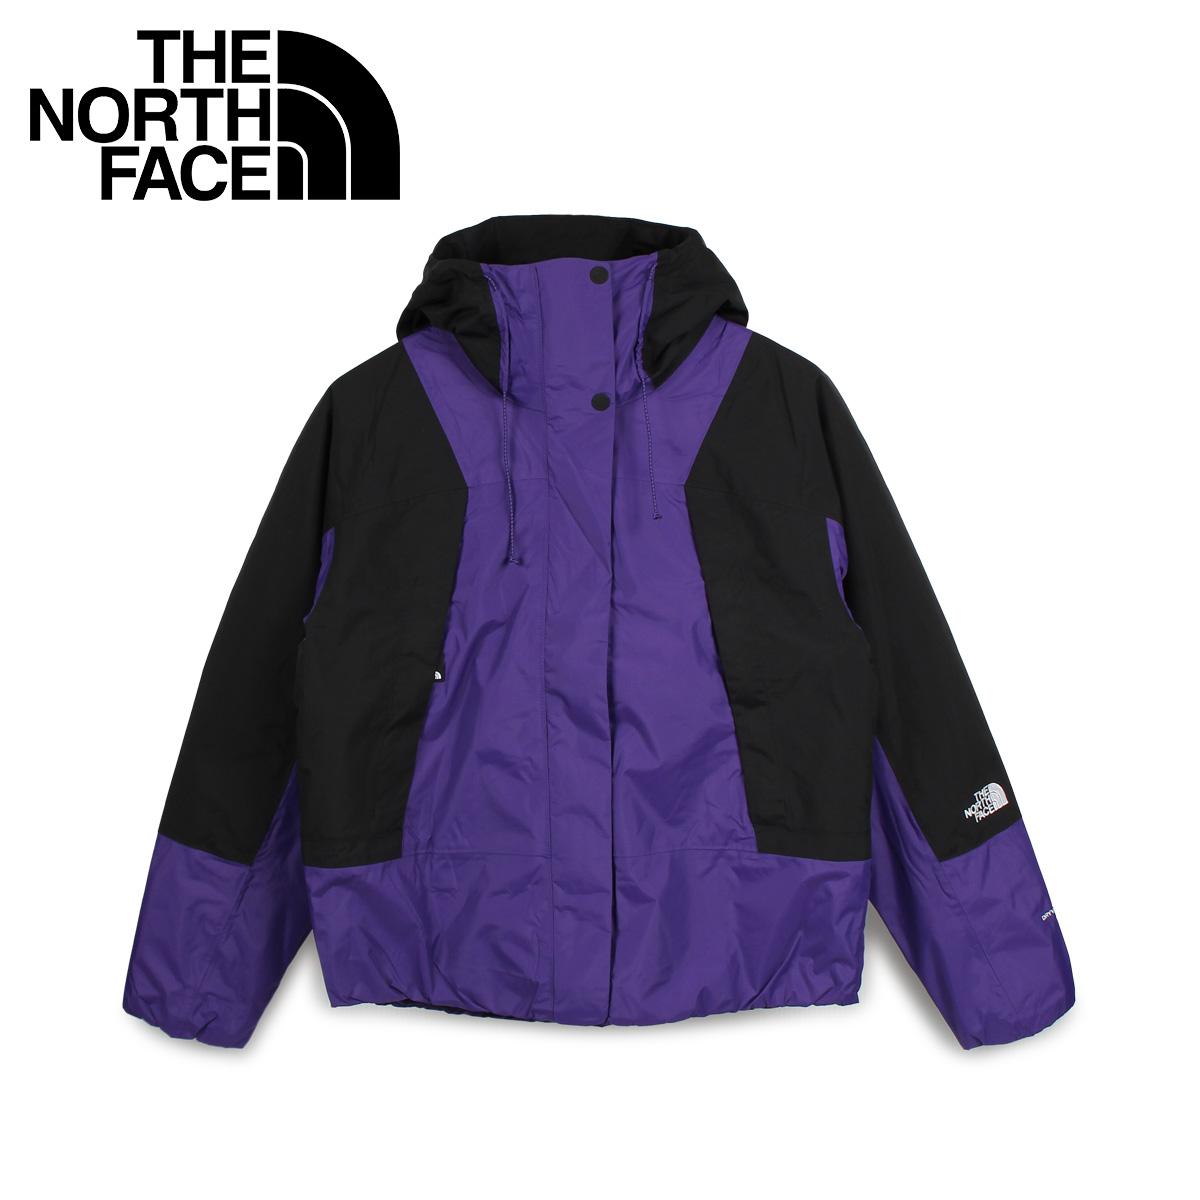 THE NORTH FACE WOMENS MOUNTAIN LIGHT DRYVENT JACKET ノースフェイス ジャケット マウンテンジャケット レディース パープル T93Y12